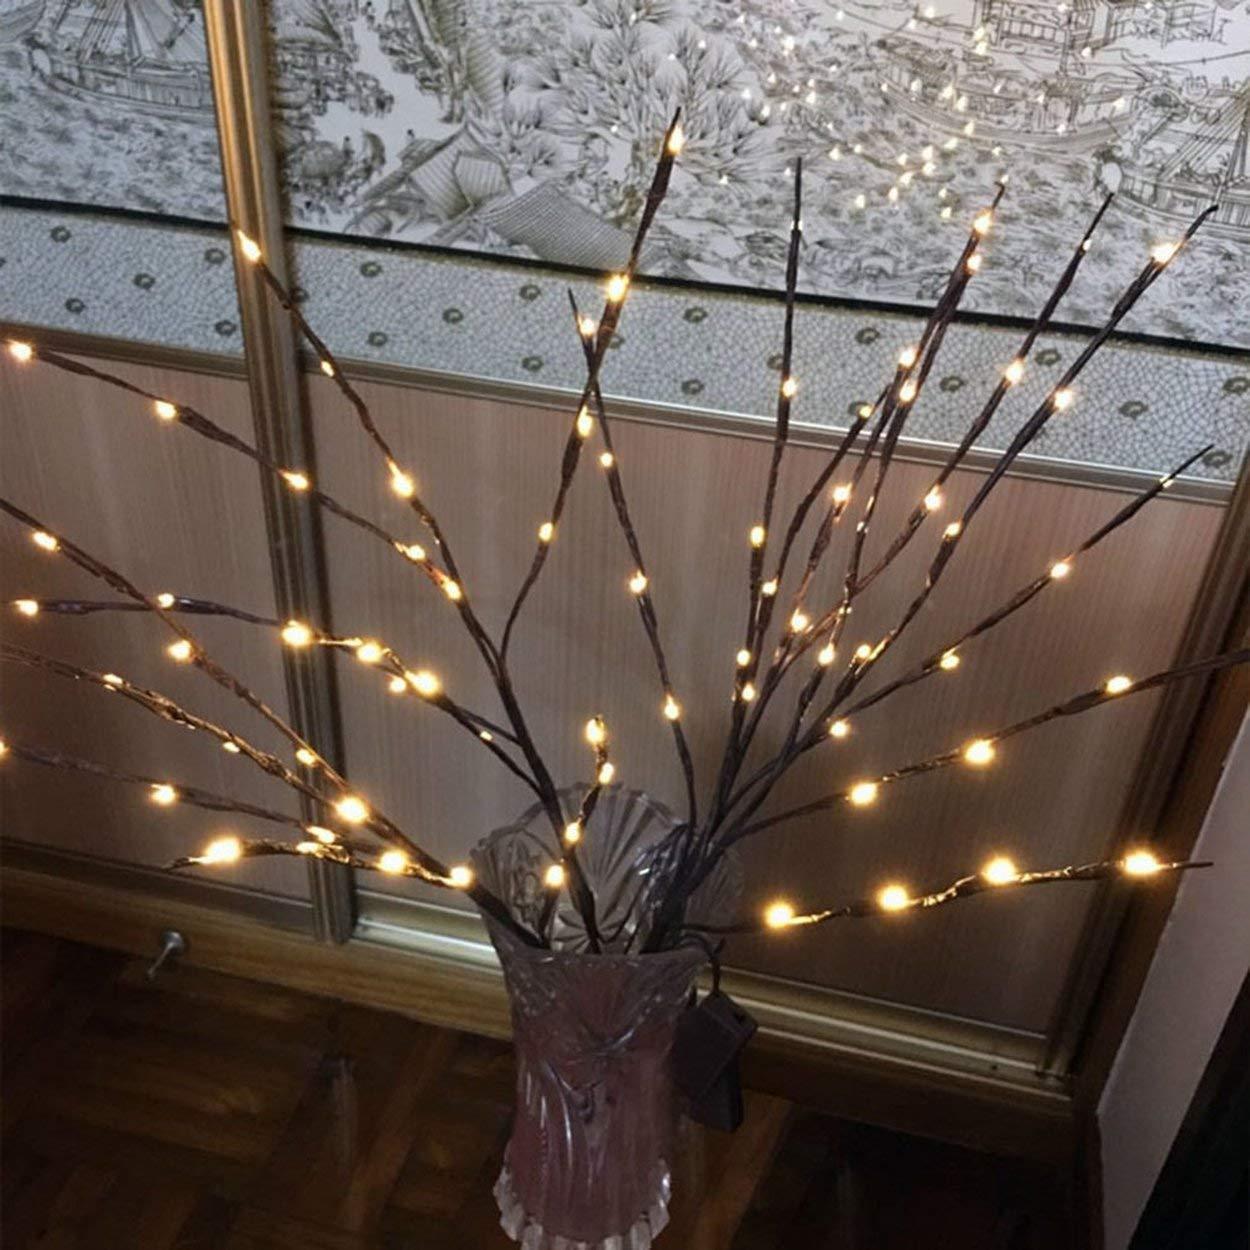 Lofenlli 20 branches led lumi/ère batterie aliment/é f/ée d/écoratif lampe nuit lumi/ère saule brindille branche allum/ée pour la d/écoration de la maison